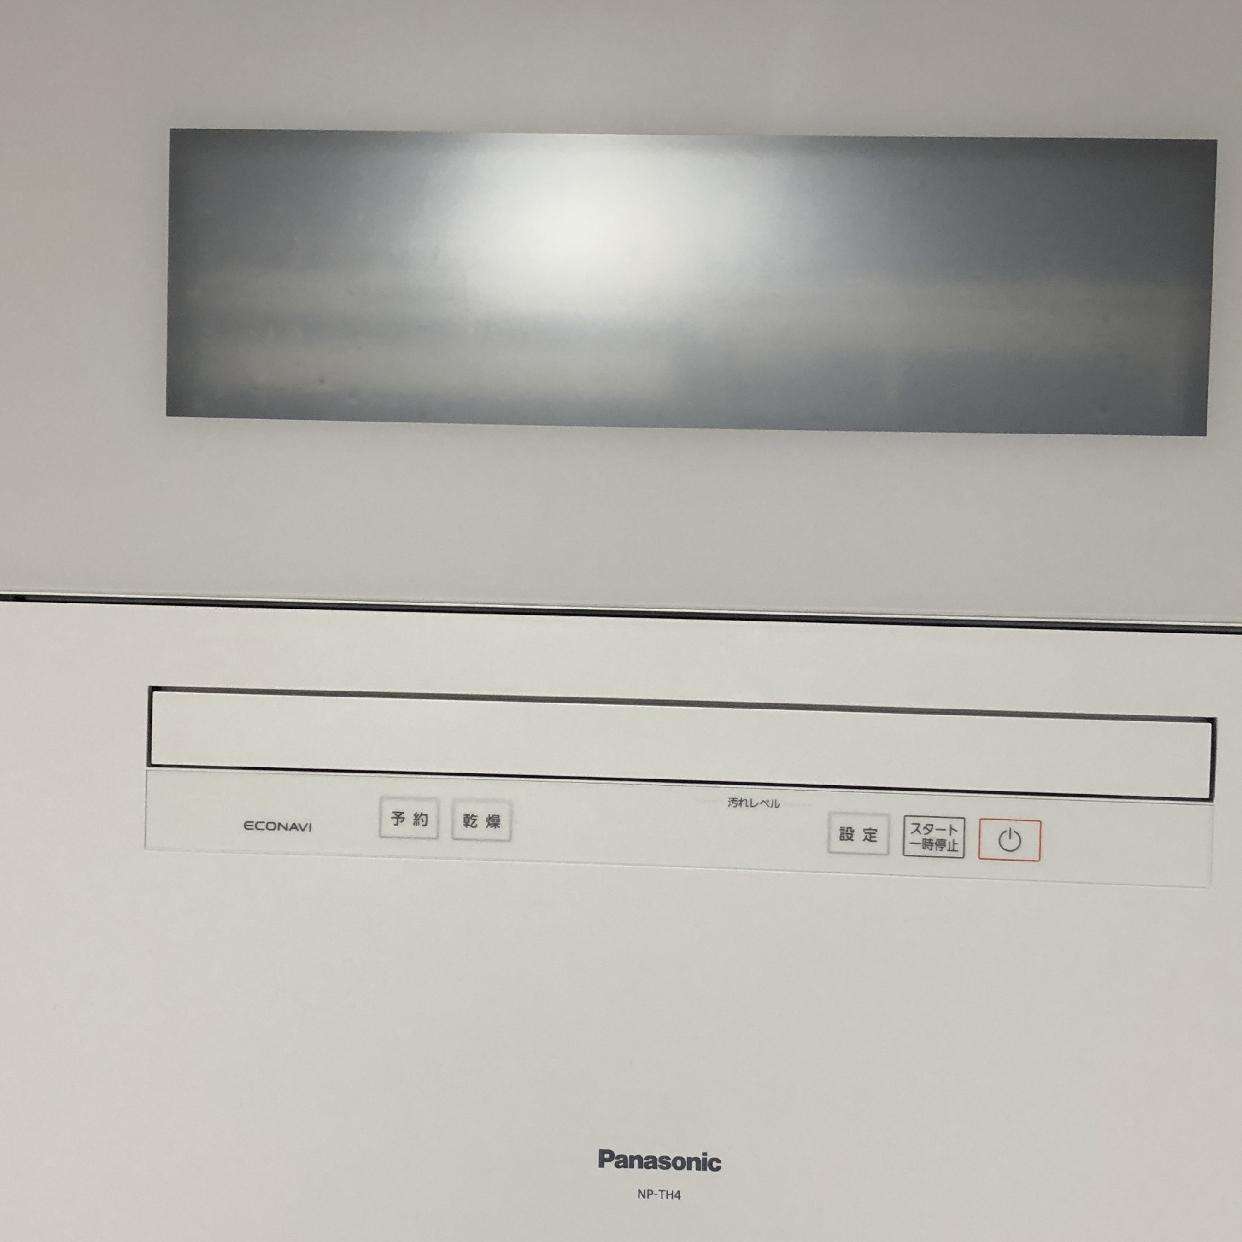 Panasonic(パナソニック)食器洗い乾燥機 NP-TH4-W(ホワイト)を使ったミズさんのクチコミ画像1